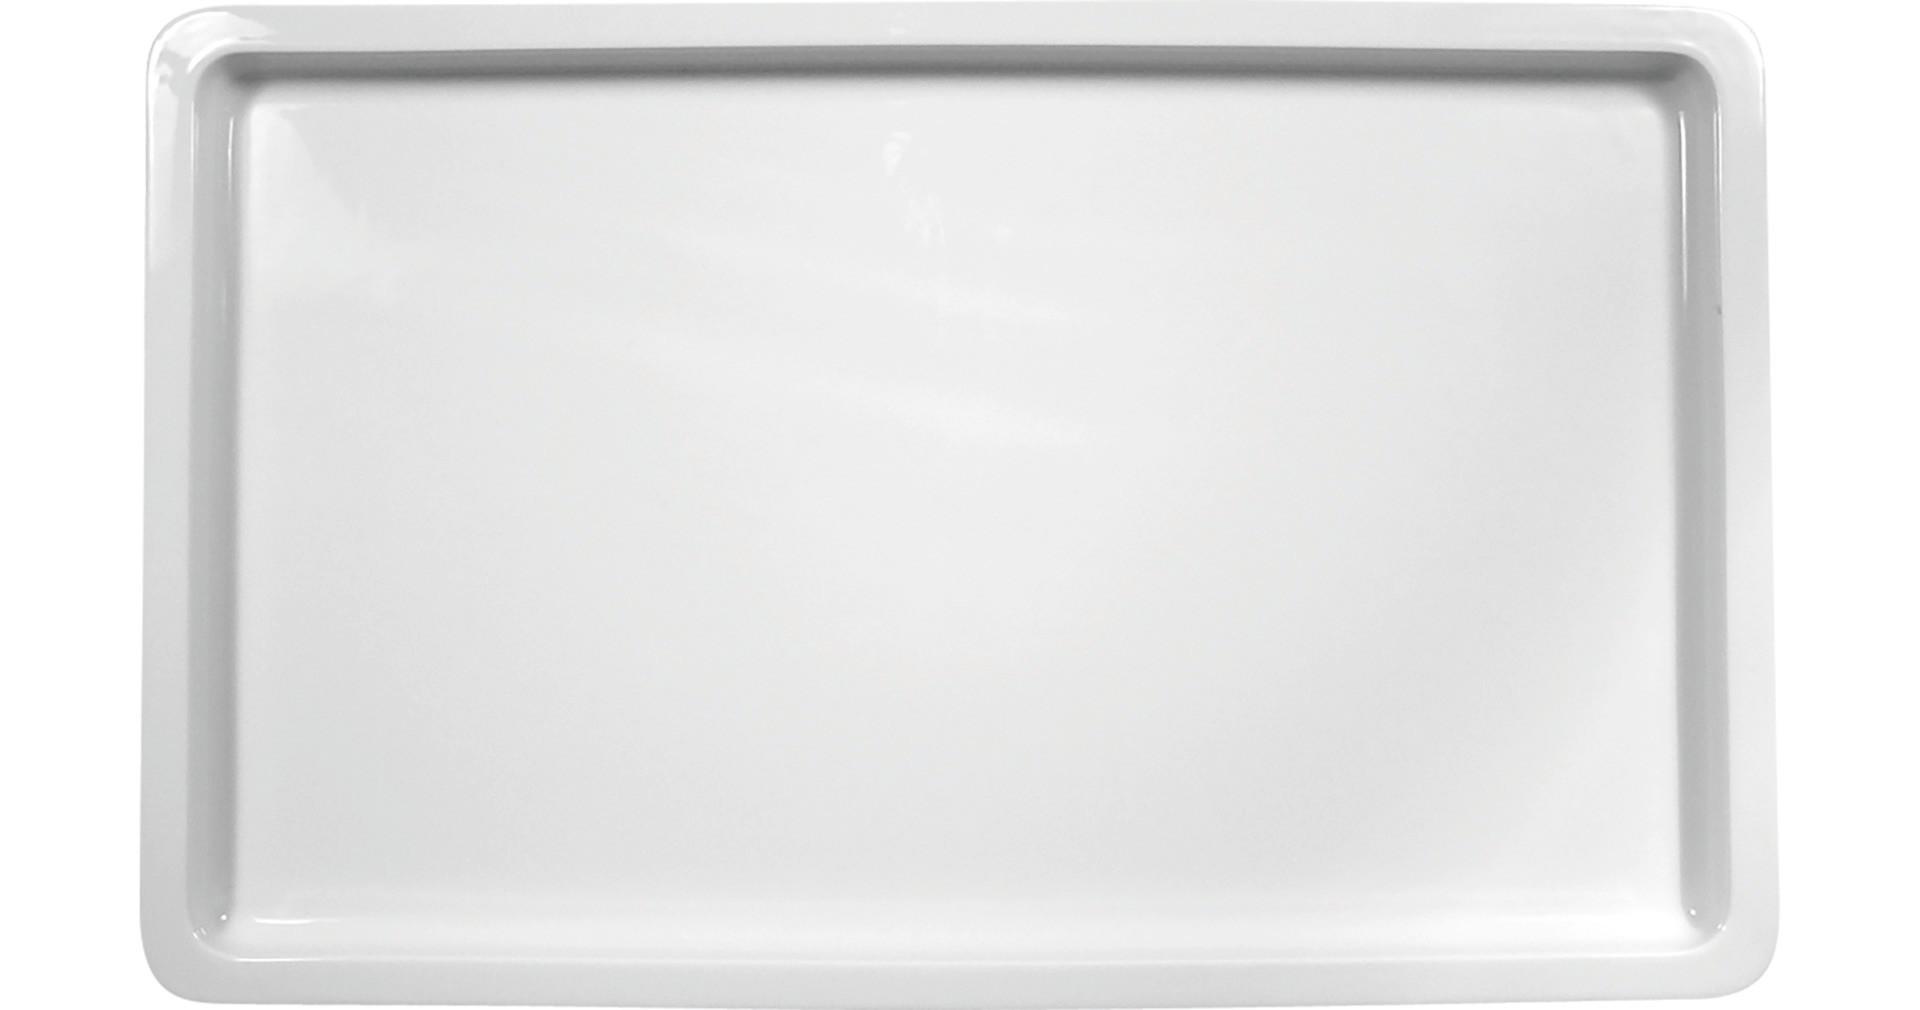 Buffet Gourmet, GN-Behälter GN 1/1 530 x 325 x 20 mm / 2,50 l